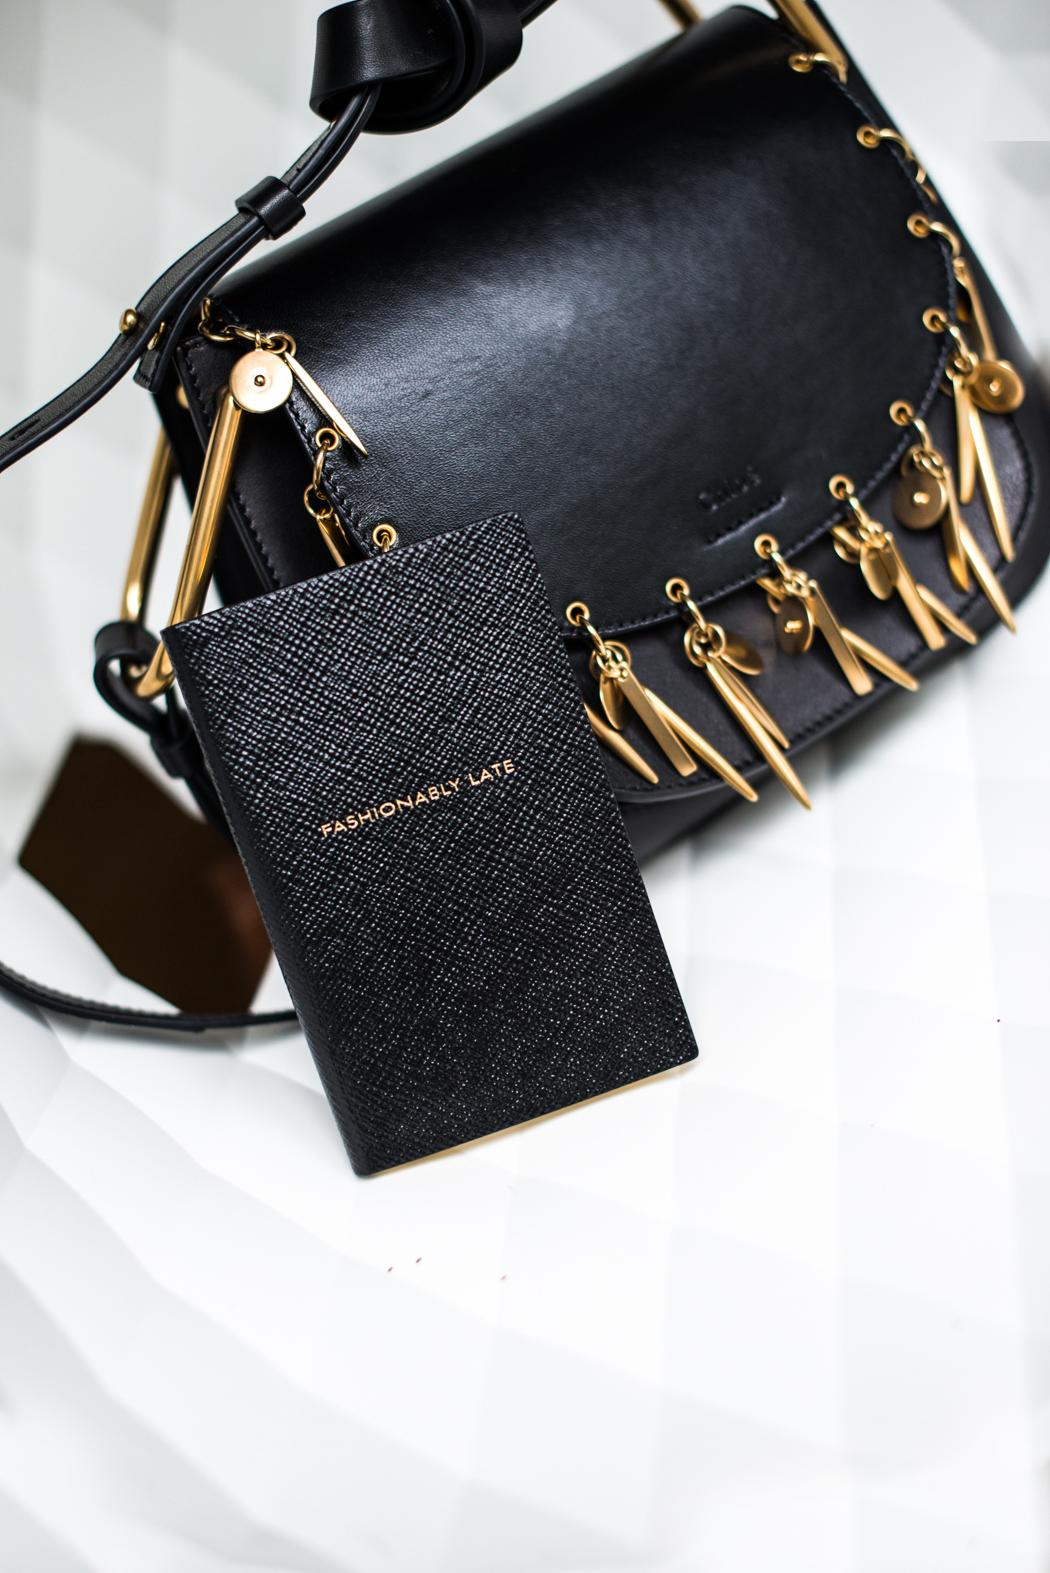 Fashionblog-Fashionblogger-Fashion-Blog-Blogger-Lindarella-Lifestyle-Chloe_Hudson_Bag-Chloe_Hudson_Mini_Charm-Chloe_Bag-Chloegirls-3